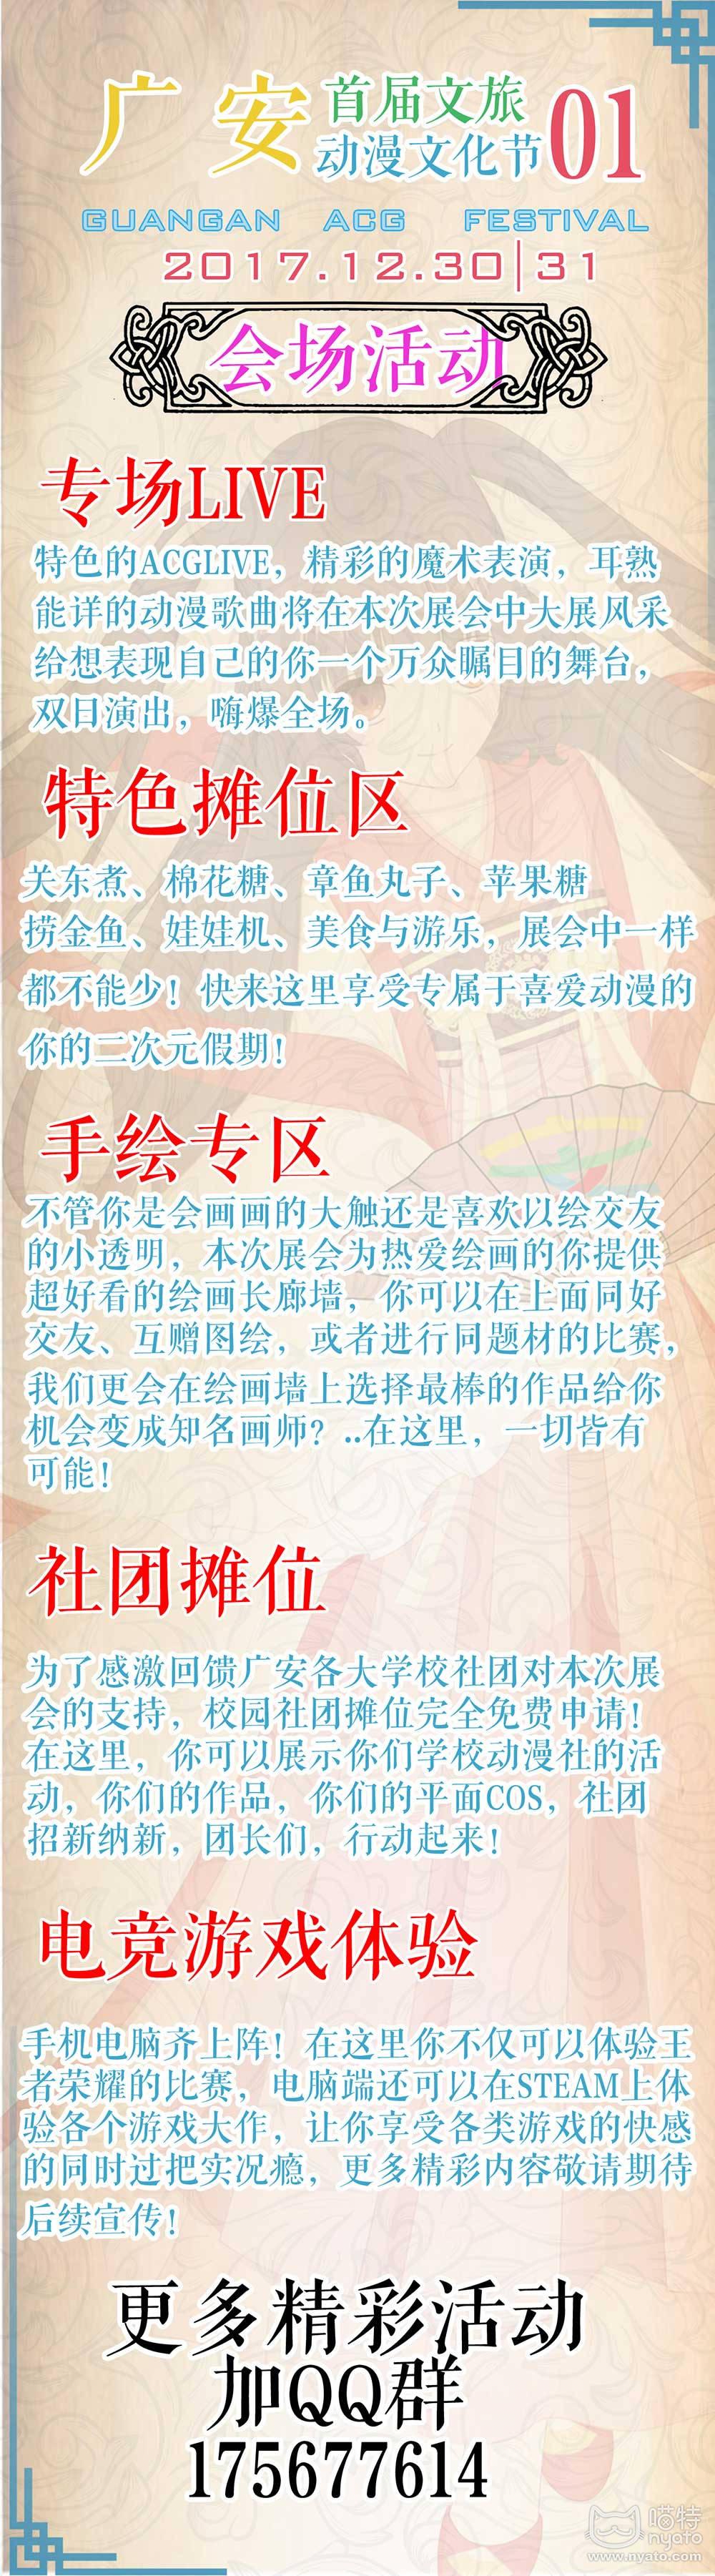 广安会场活动.jpg